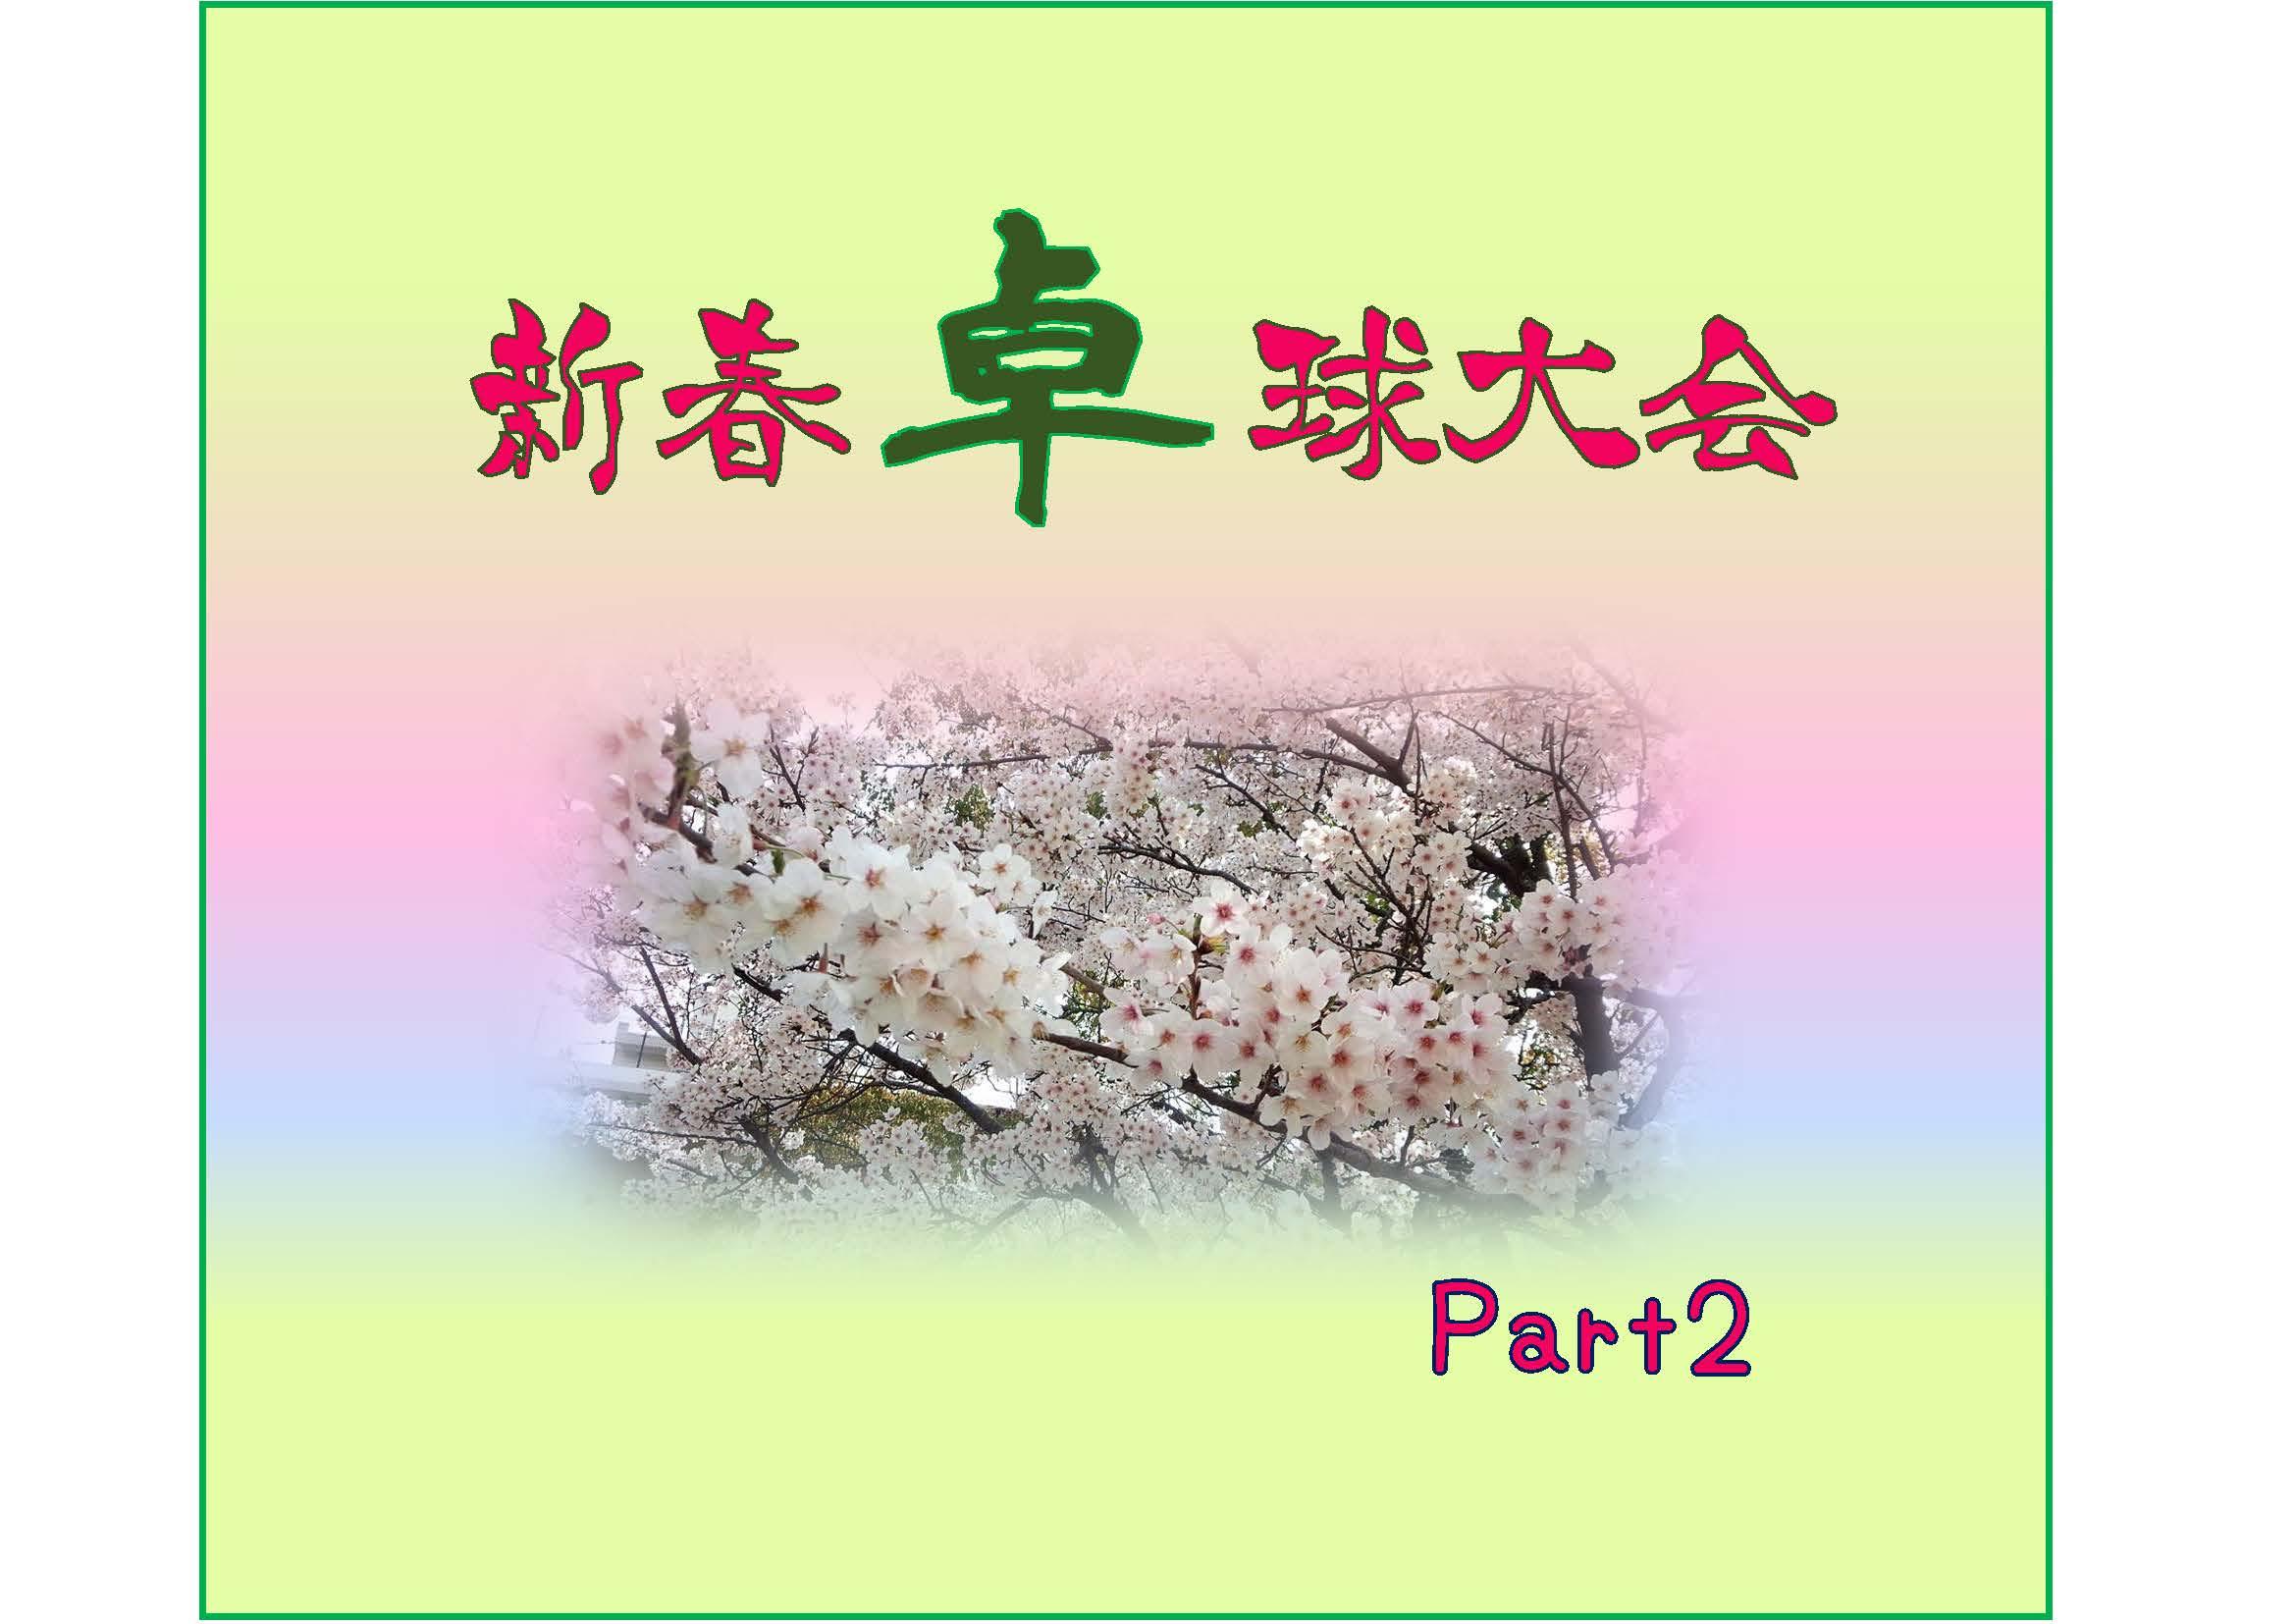 新春卓球大会 part2